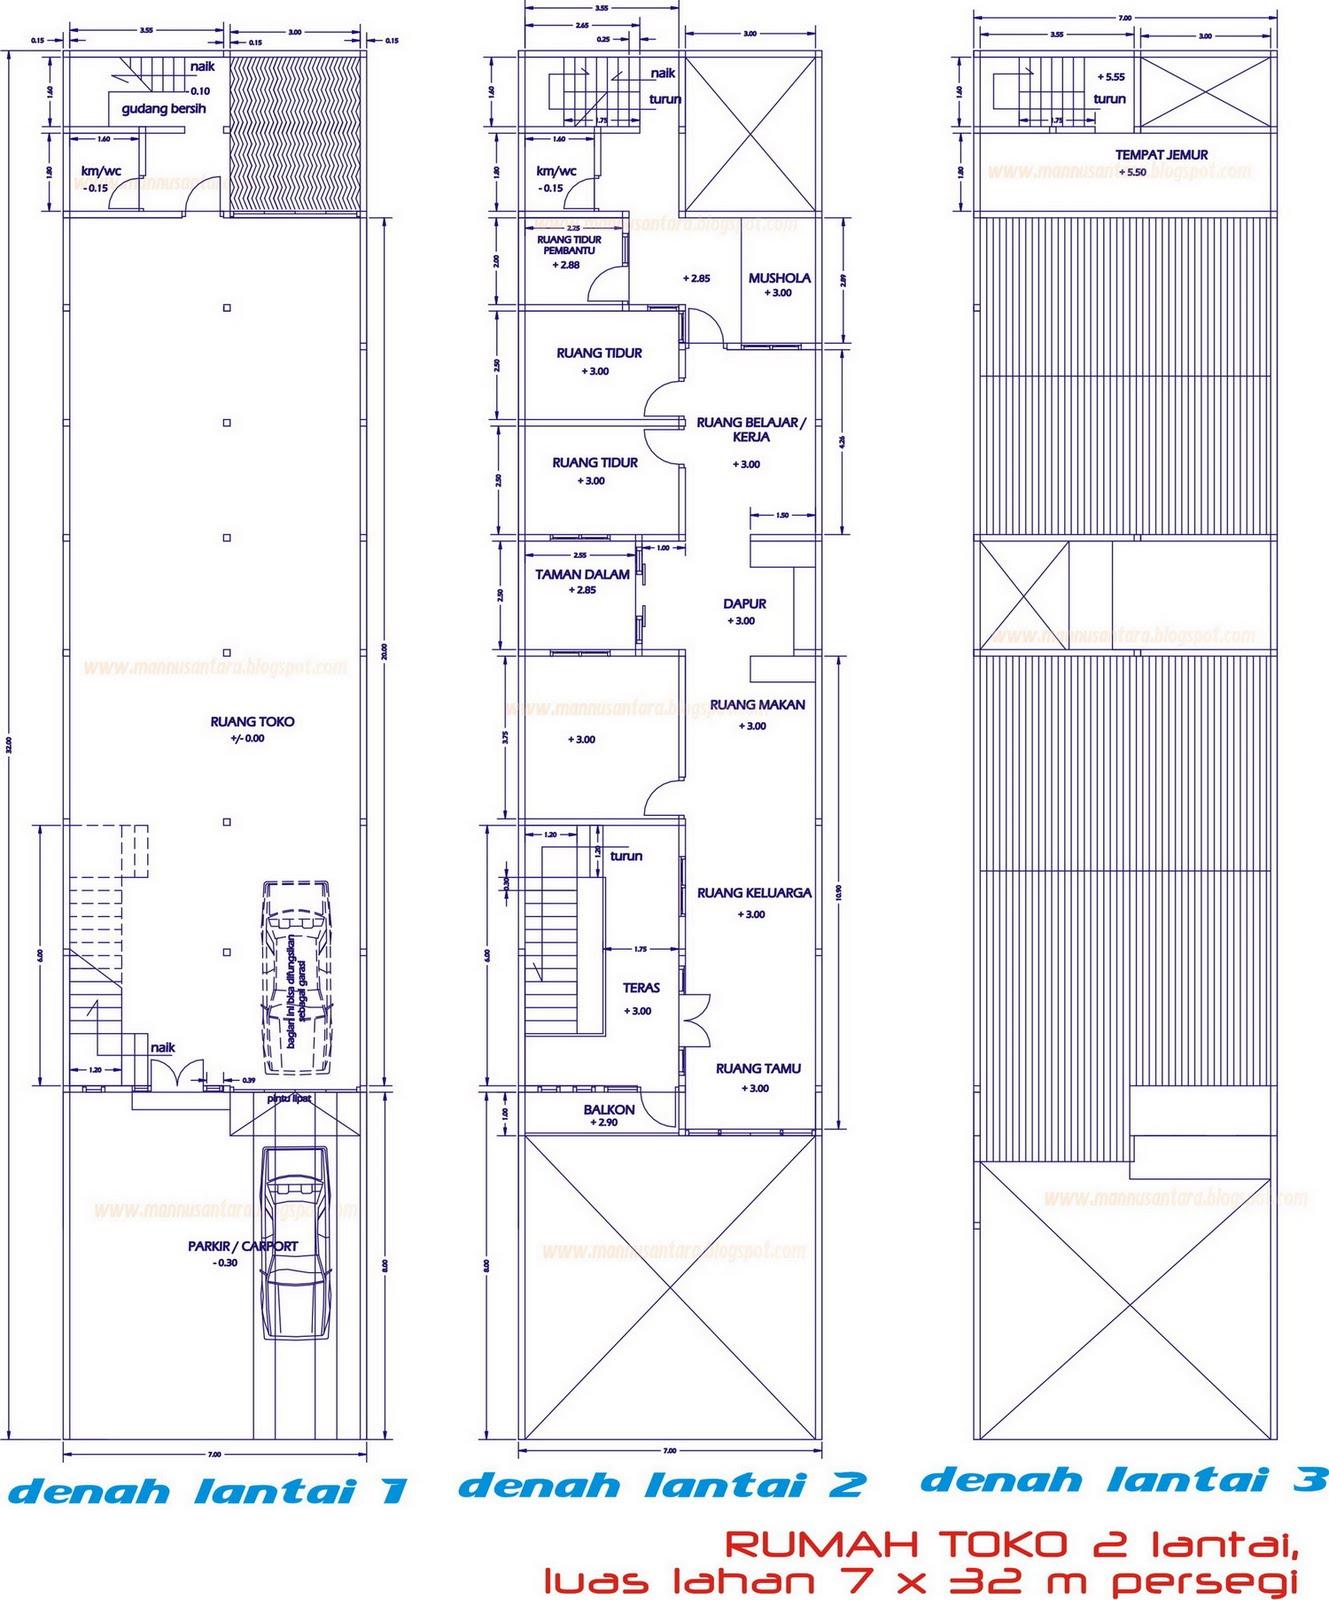 Rumah Bertingkat: House Star: Desain Rumah Toko (Ruko) Dua Lantai